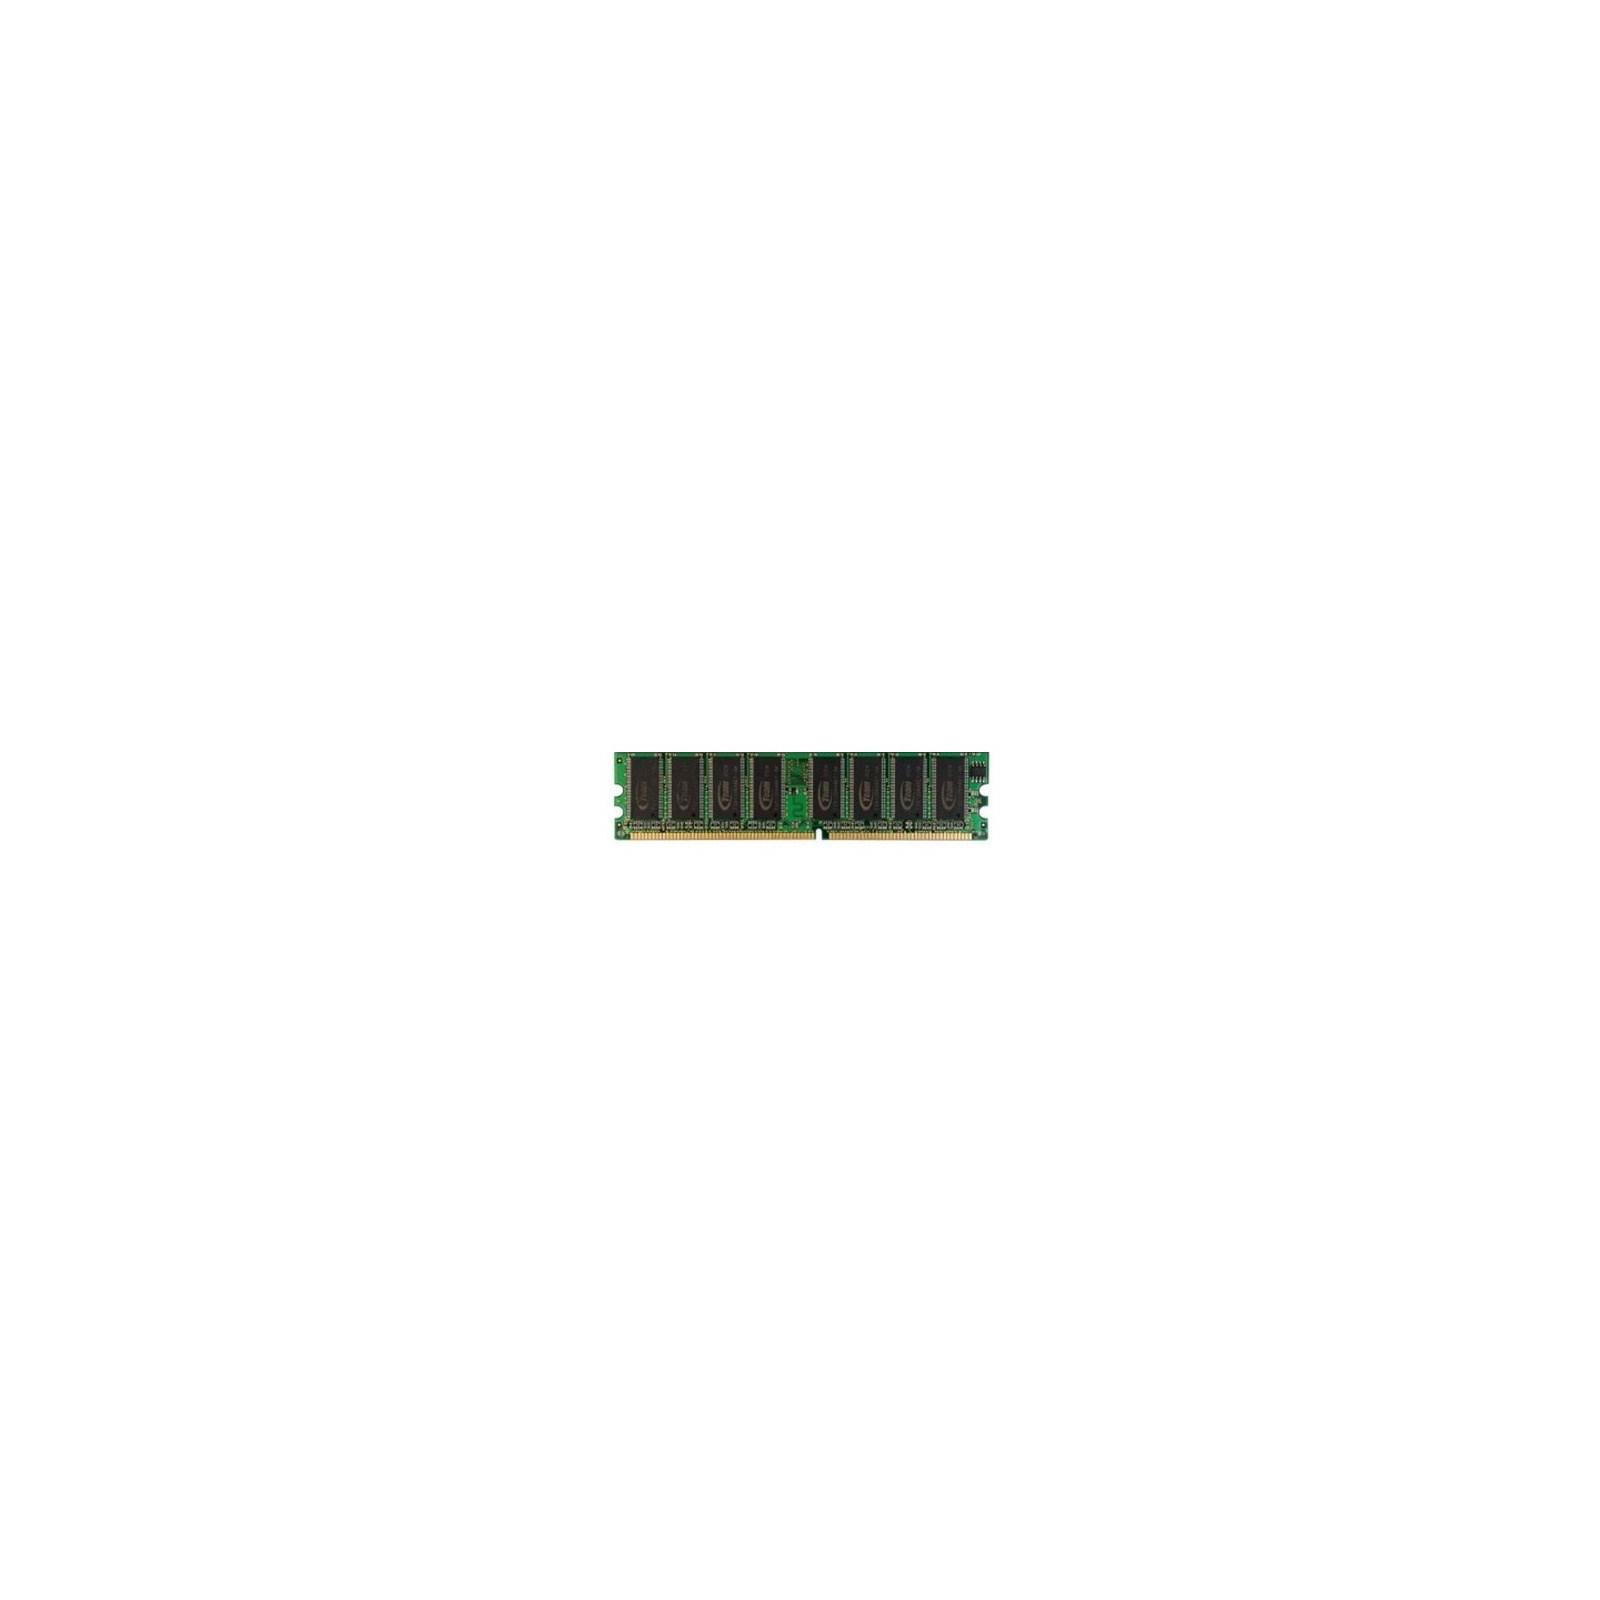 Модуль памяти для компьютера DDR SDRAM 1GB 400 MHz Team (TED11G400C3BK)